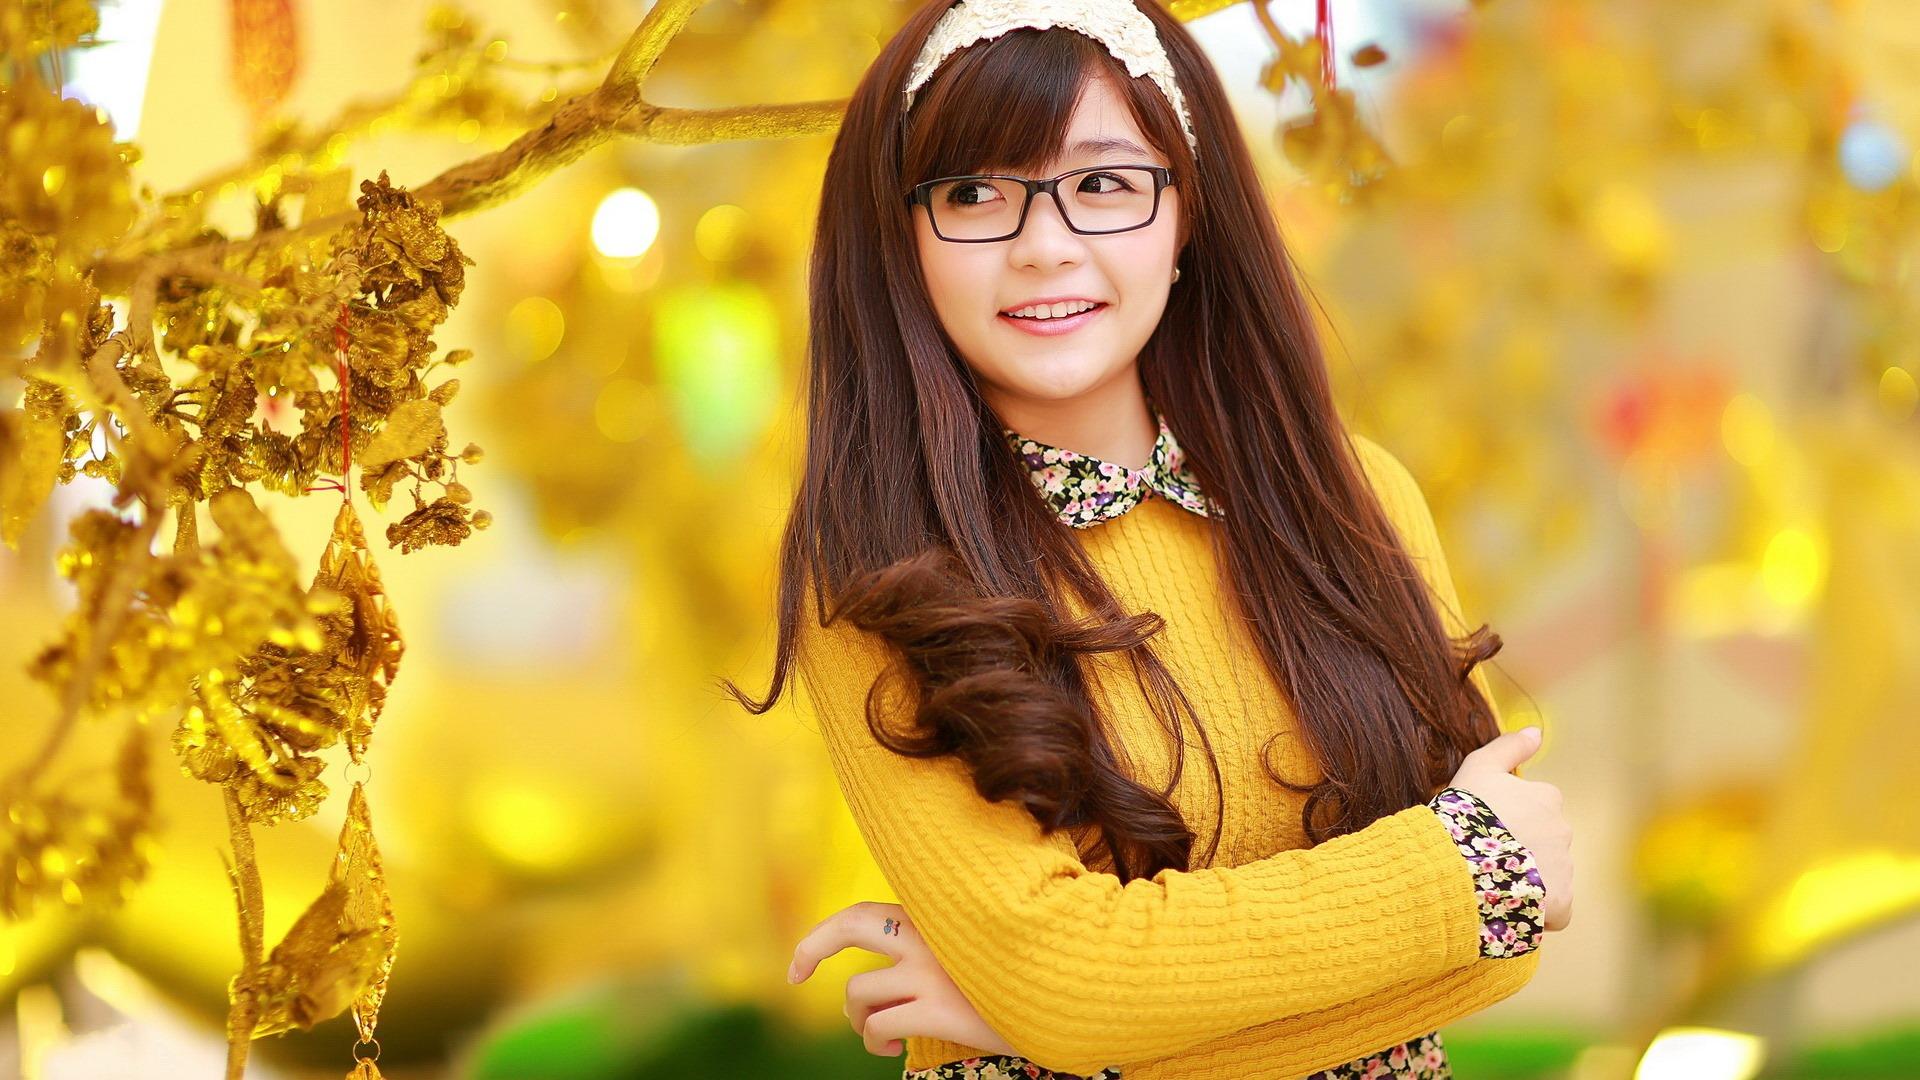 亚洲高清合集一区_清纯可爱年轻的亚洲女孩 高清壁纸合集(一)13 - 1920x